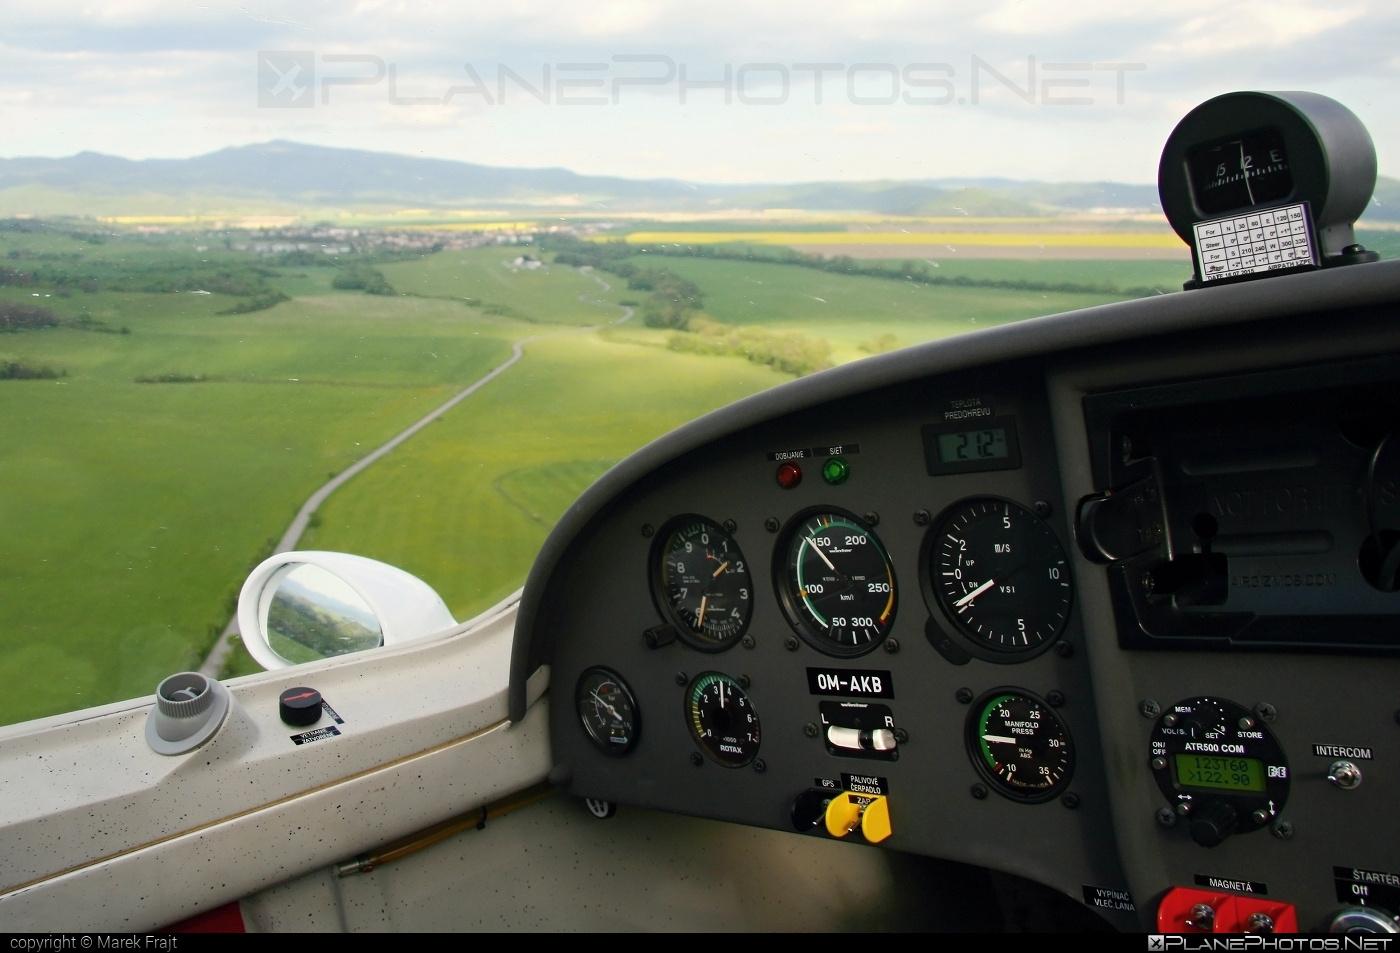 Aerospool WT9 Dynamic - OM-AKB operated by Aeroklub Banská Bystrica #aerospool #wt9 #wt9dynamic